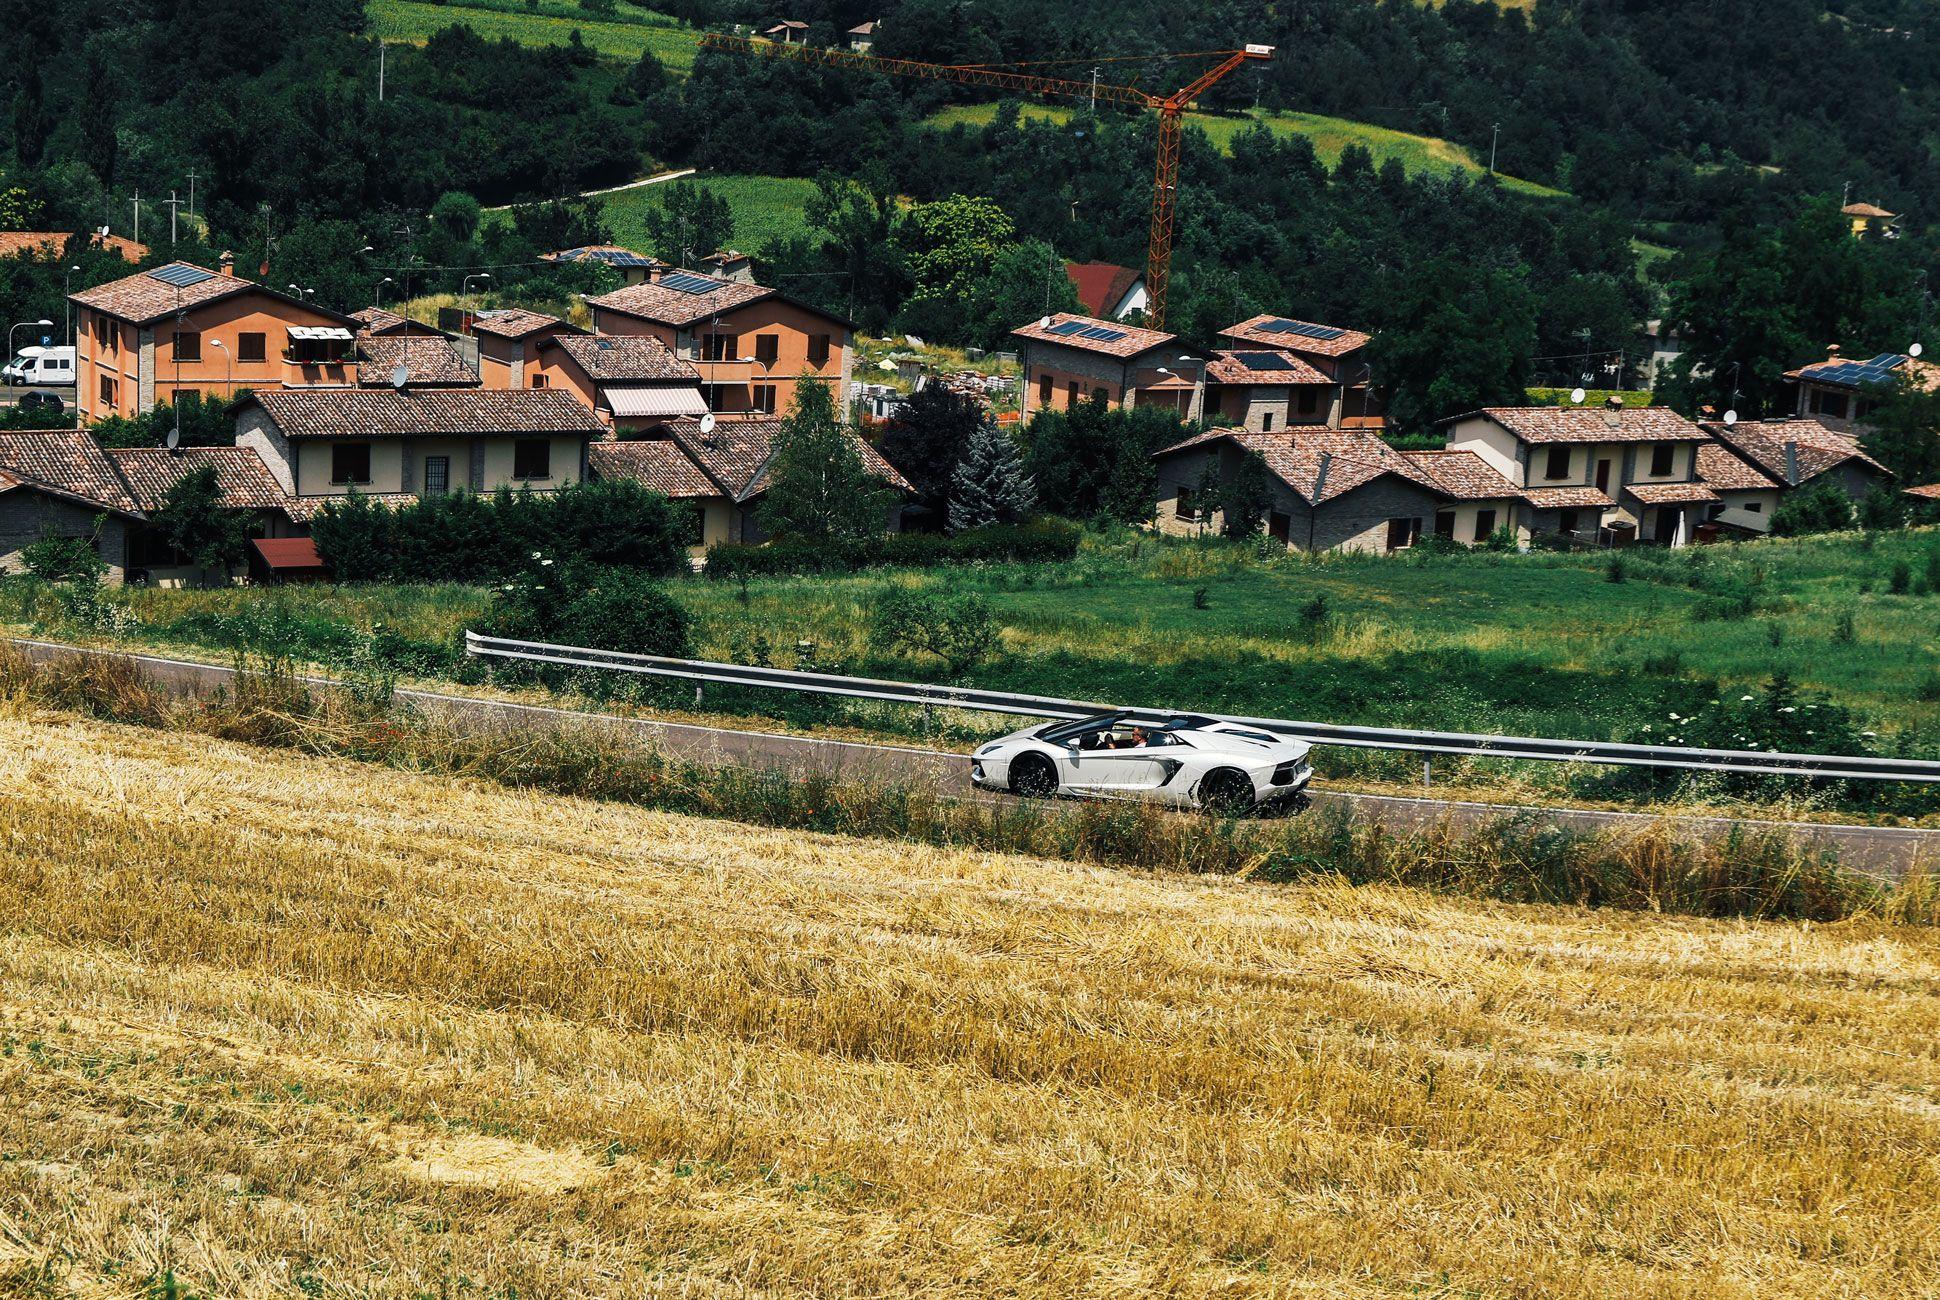 Lamborghini-Aventador-Roadster-Gear-Patrol-Slide-12